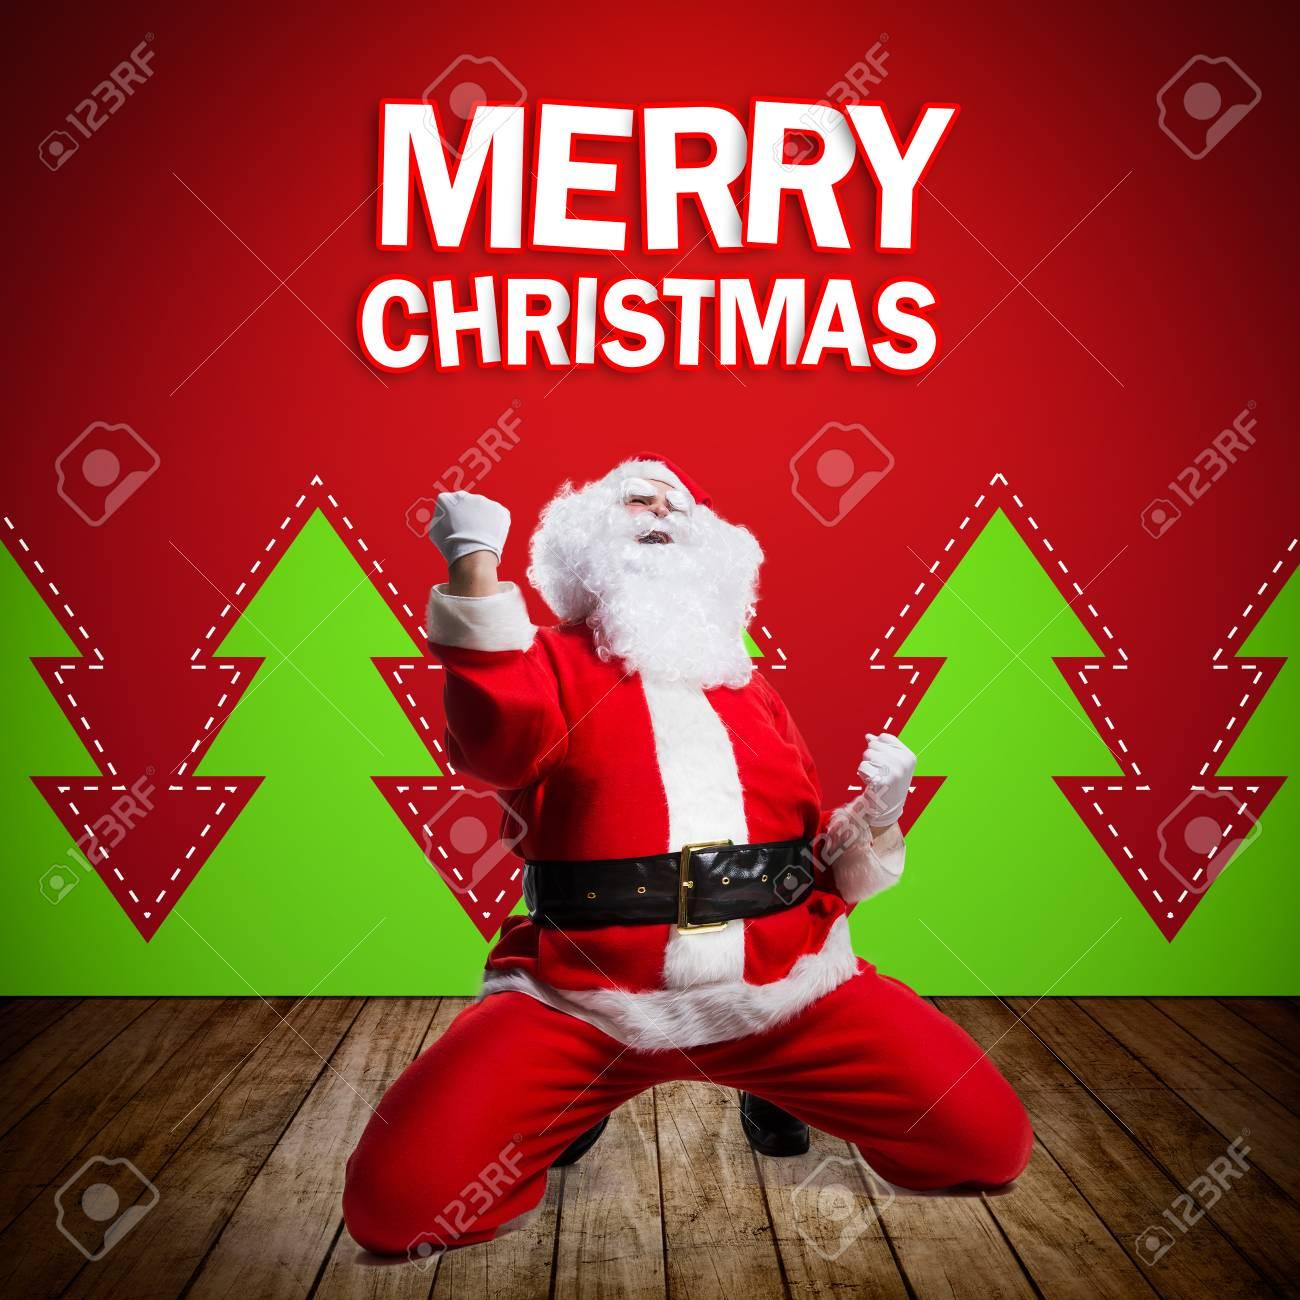 Glücklicher Weihnachtsmann Mit Merry Christmas Nachricht Lizenzfreie ...